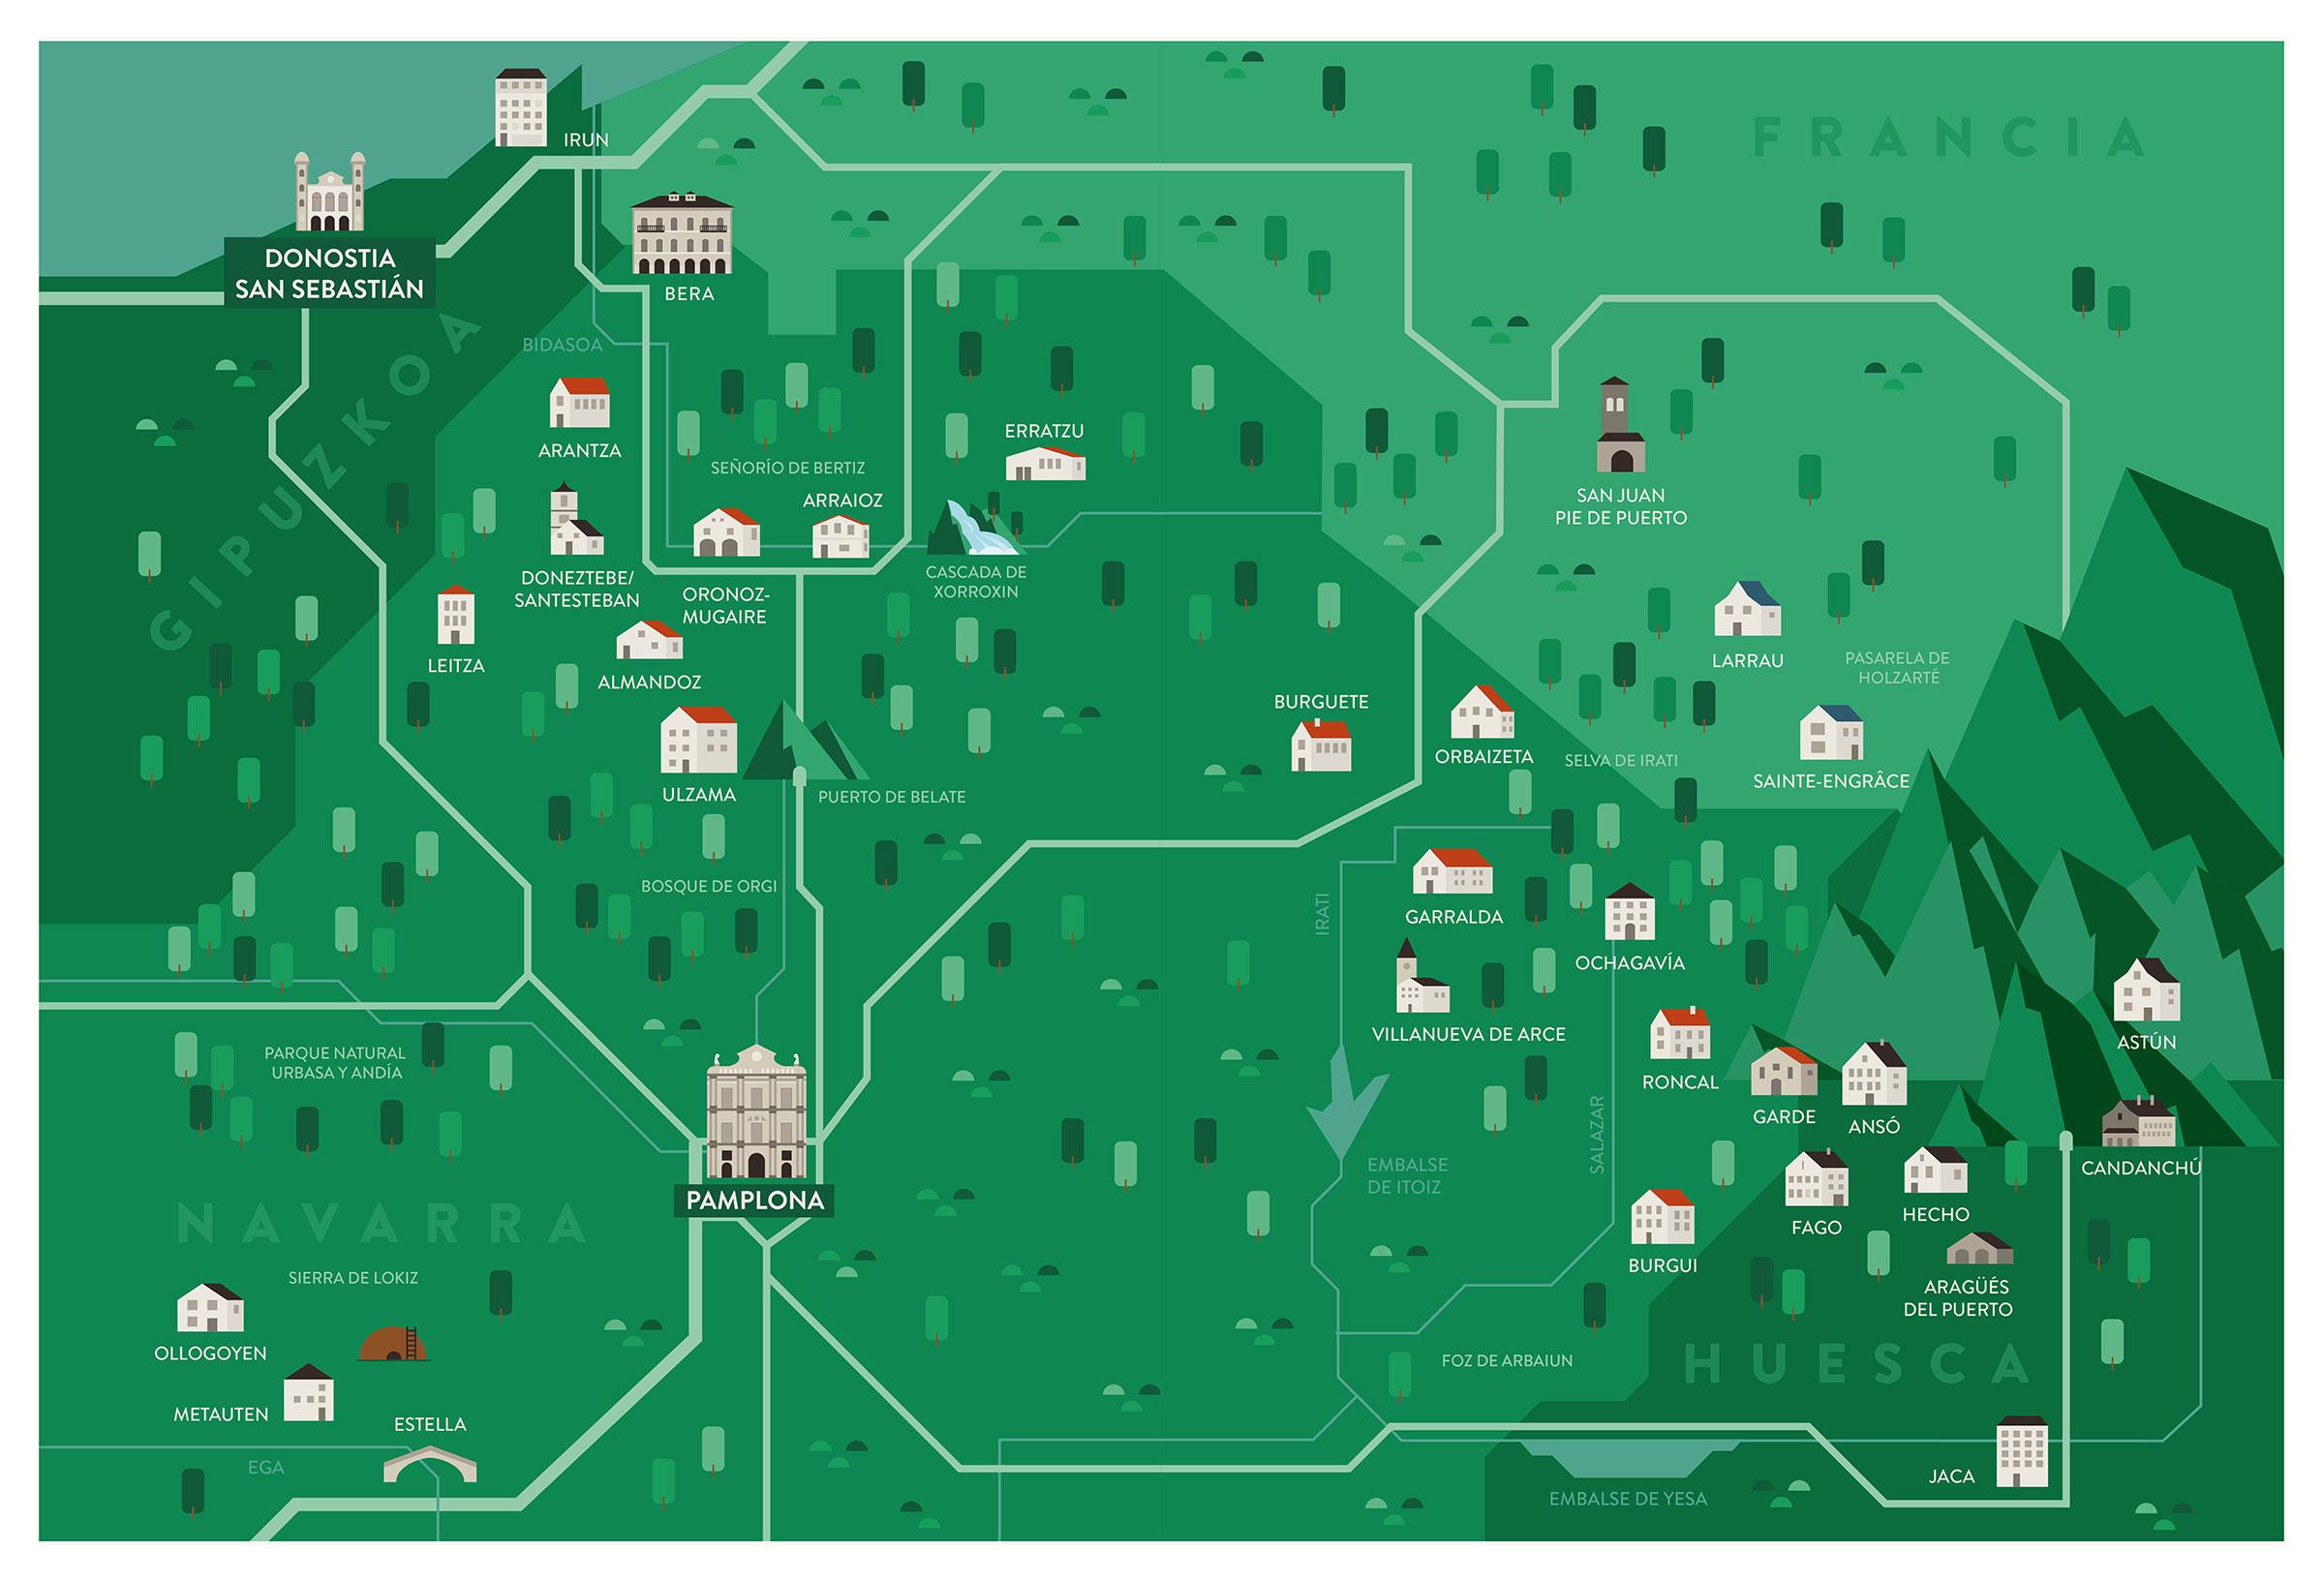 mapa_pf